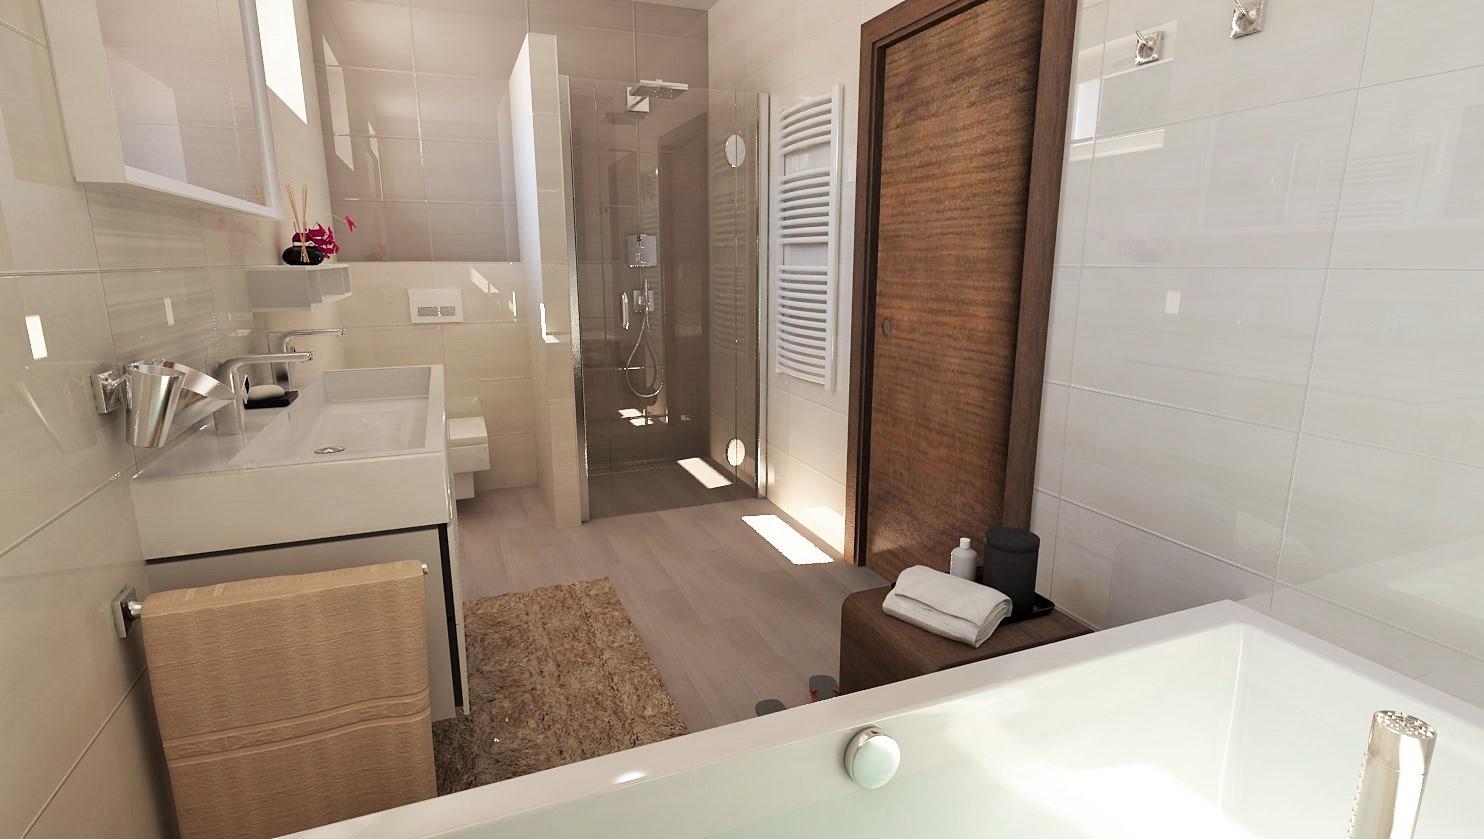 Návrhy a vizualizácie kúpeľní - Obrázok č. 60